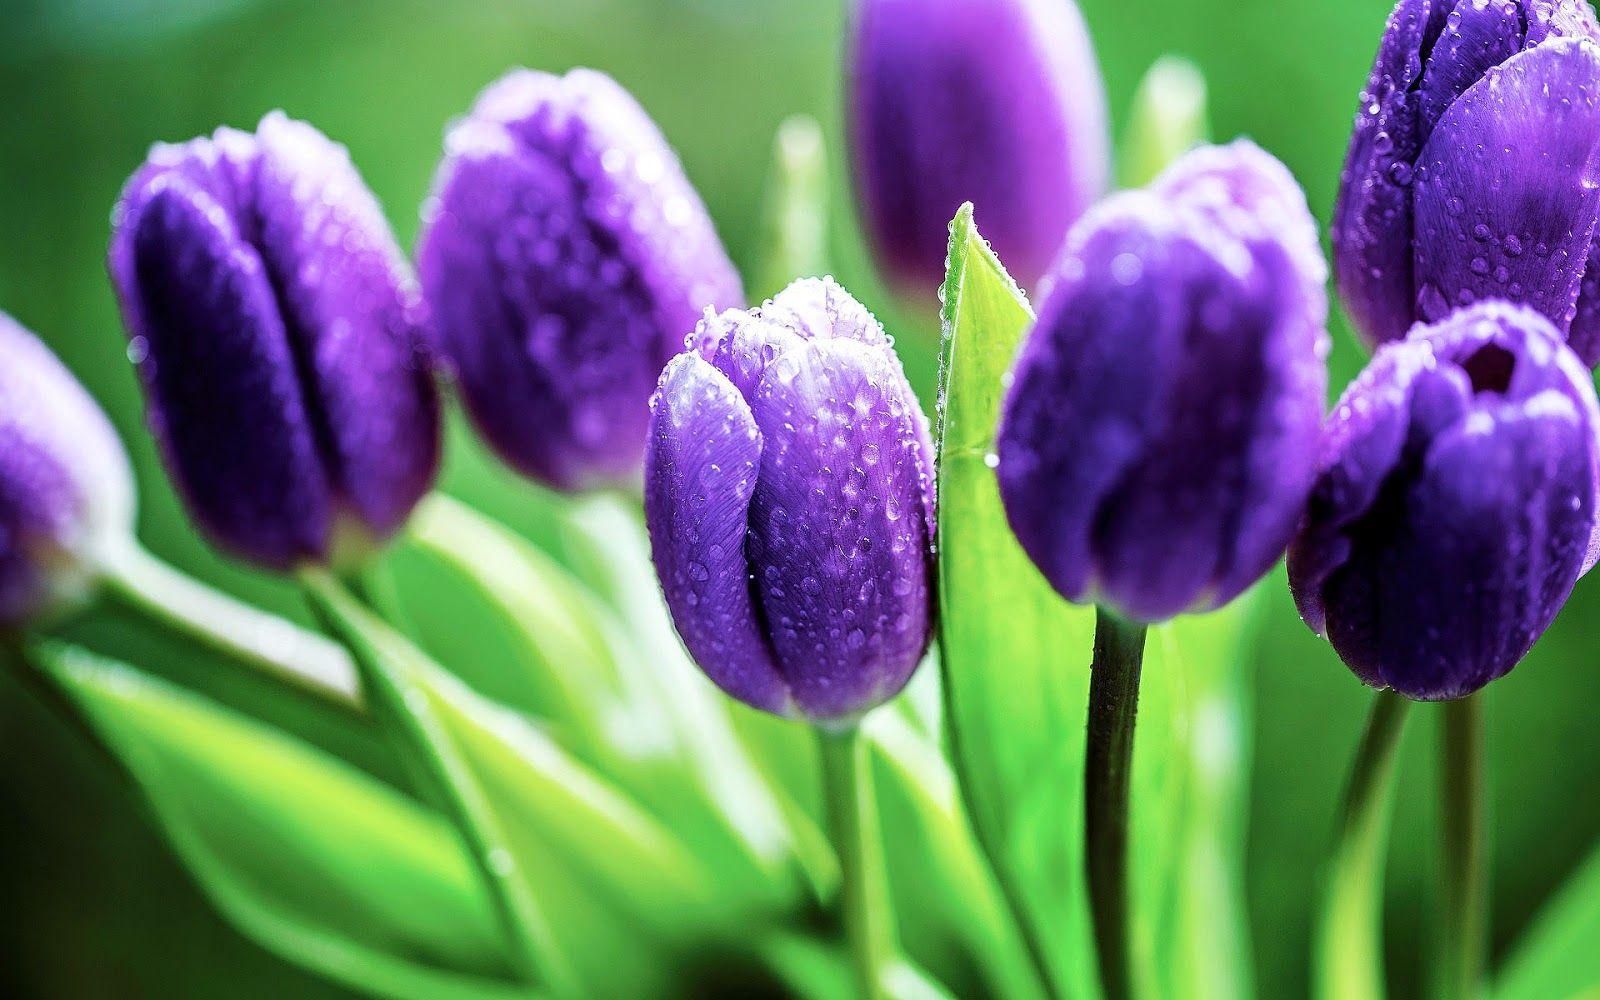 nahaufnahme foto von lila tulpe mit tautropfen hd blumen 1600 1000. Black Bedroom Furniture Sets. Home Design Ideas